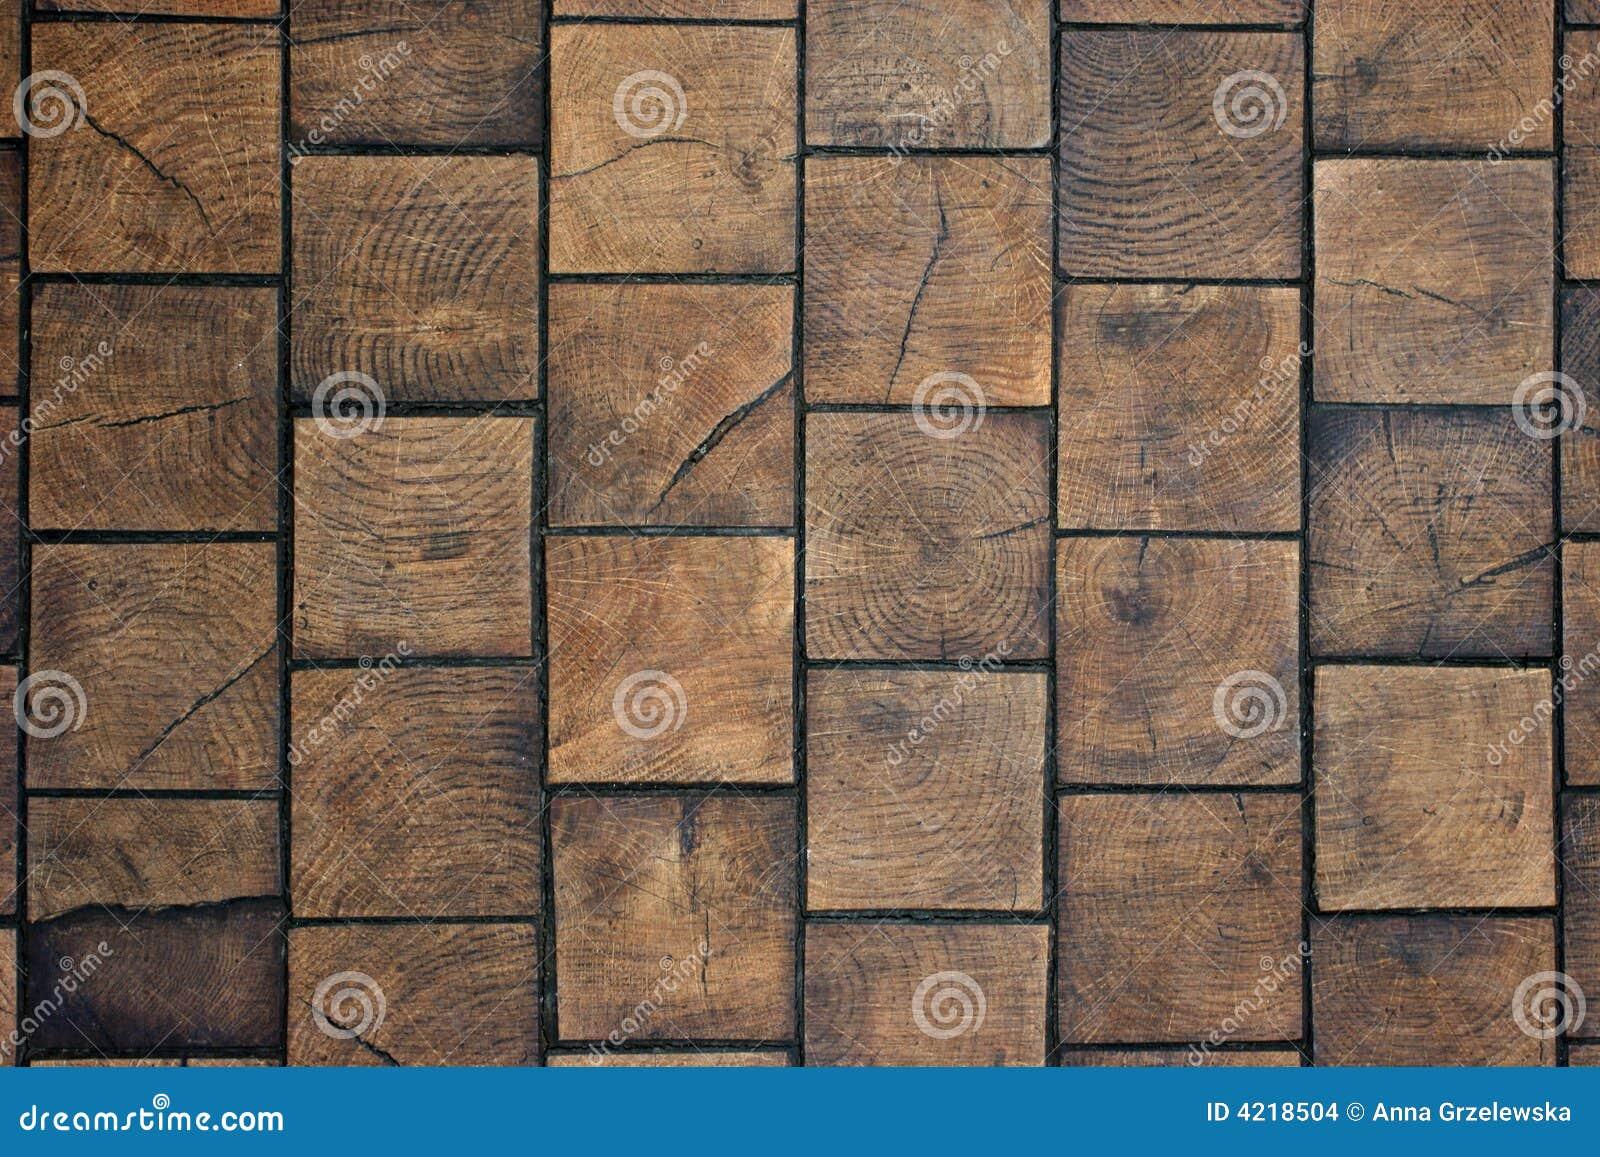 Piastrelle In Legno Florabest : Piastrelle in legno per esterni lidl come e quando effettuare la